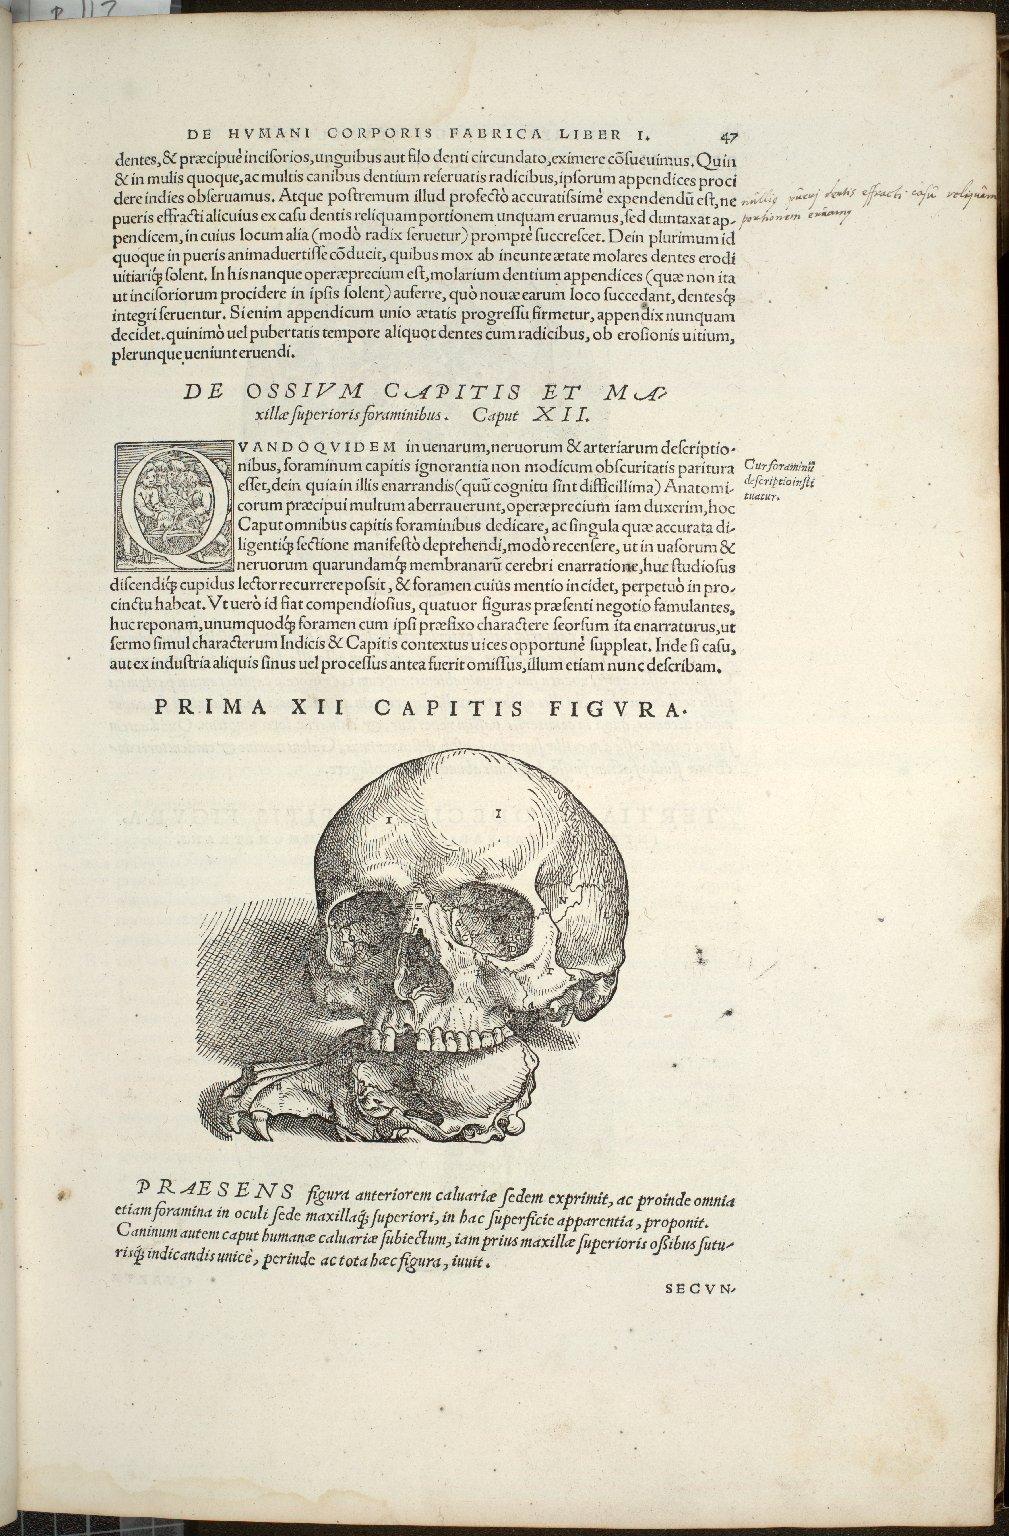 De Ossium Capitis et Maxillae superioris foraminibus. Caput XII. Prima Figura